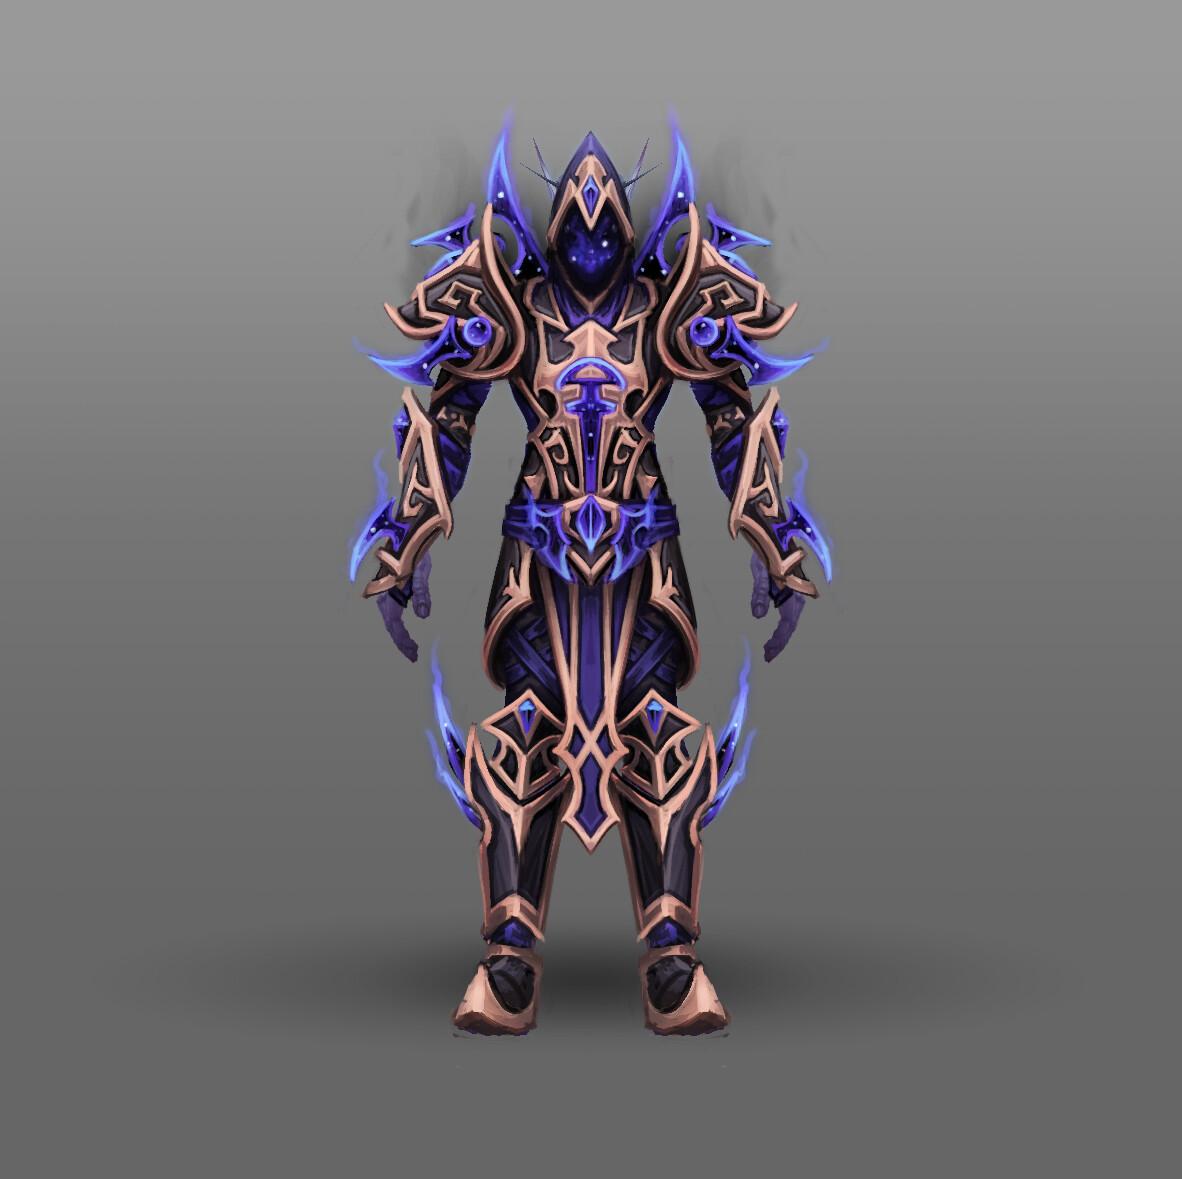 Artstation Fan Art World Of Warcraft Racial Class Armor Design Voidelf Arthur Lorenz #worldofwarcraft #blizzard #hearthstone #wow #warcraft #blizzardcs #gaming. of warcraft racial class armor design